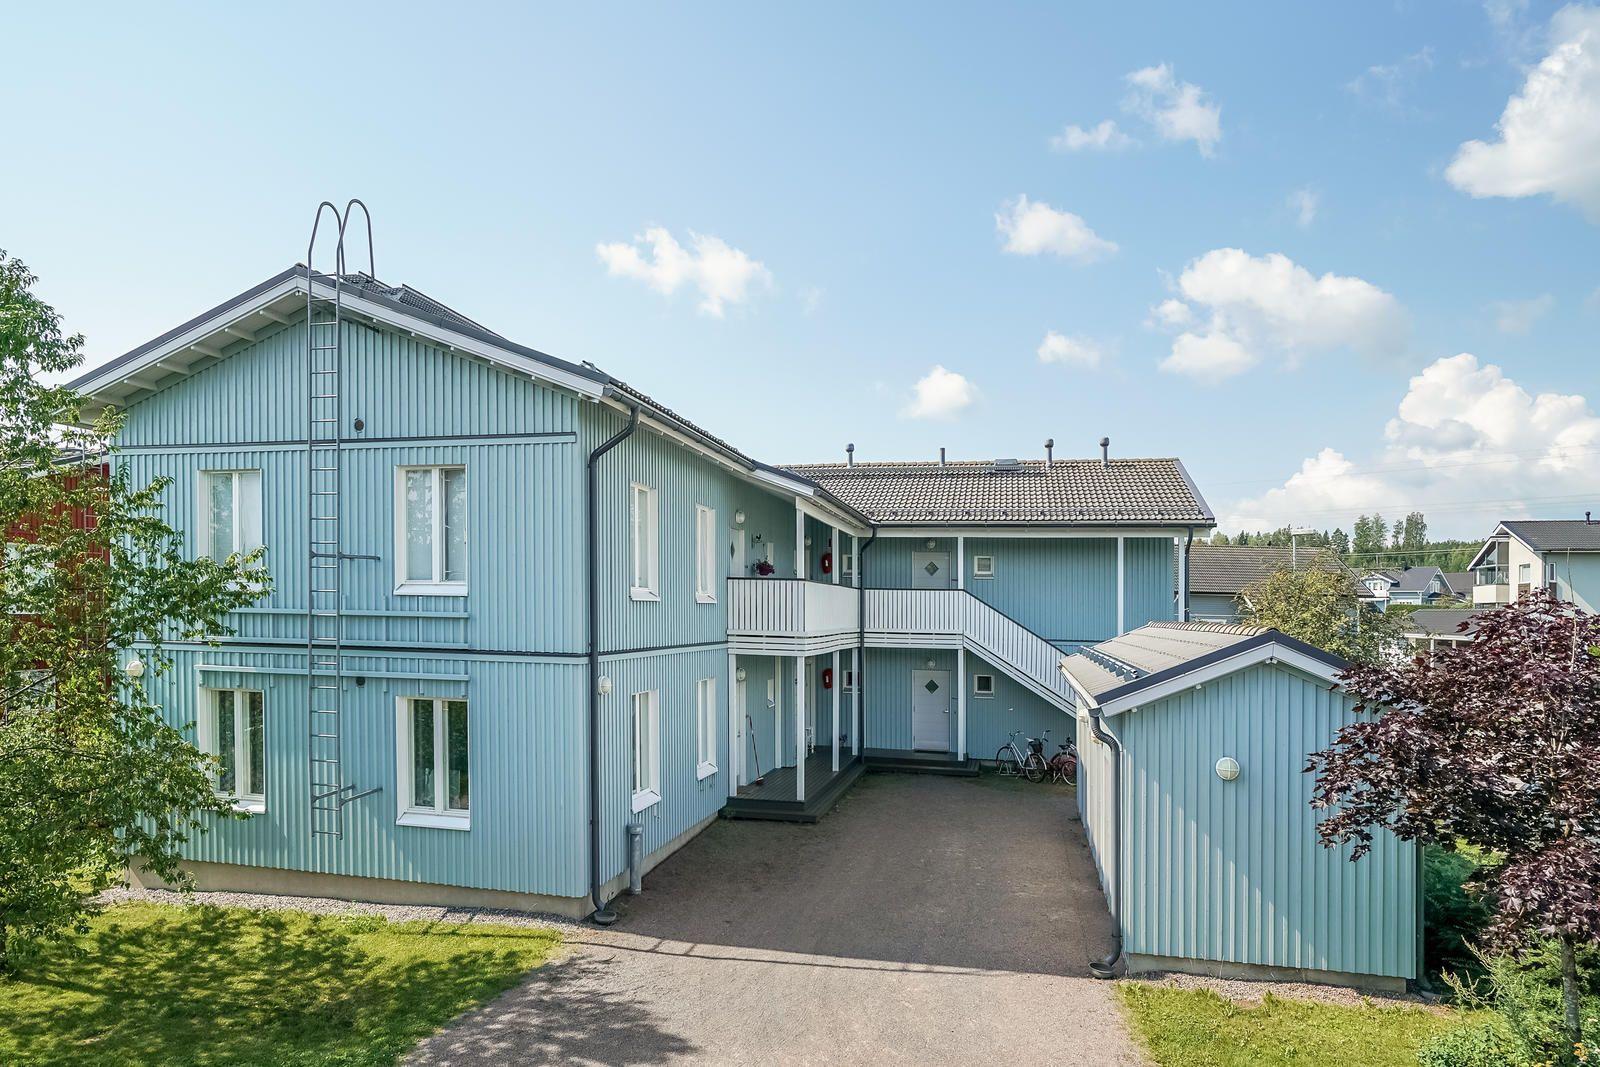 Mehrfamilienhaus Mika Waltarinkatu 60